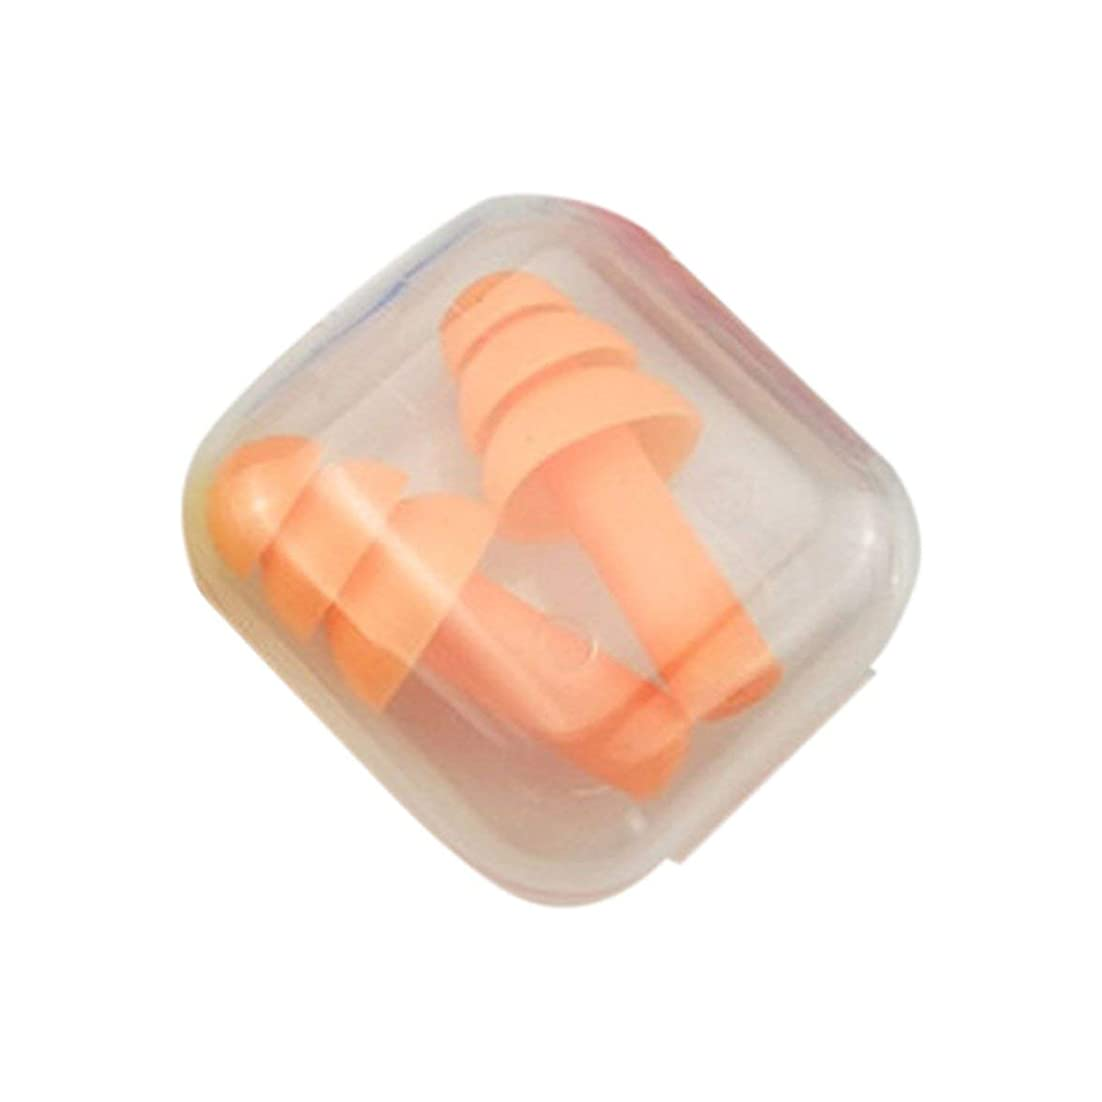 はしご何でもサーキュレーション柔らかいシリコーンの耳栓遮音用耳の保護用の耳栓防音睡眠ボックス付き収納ボックス - オレンジ